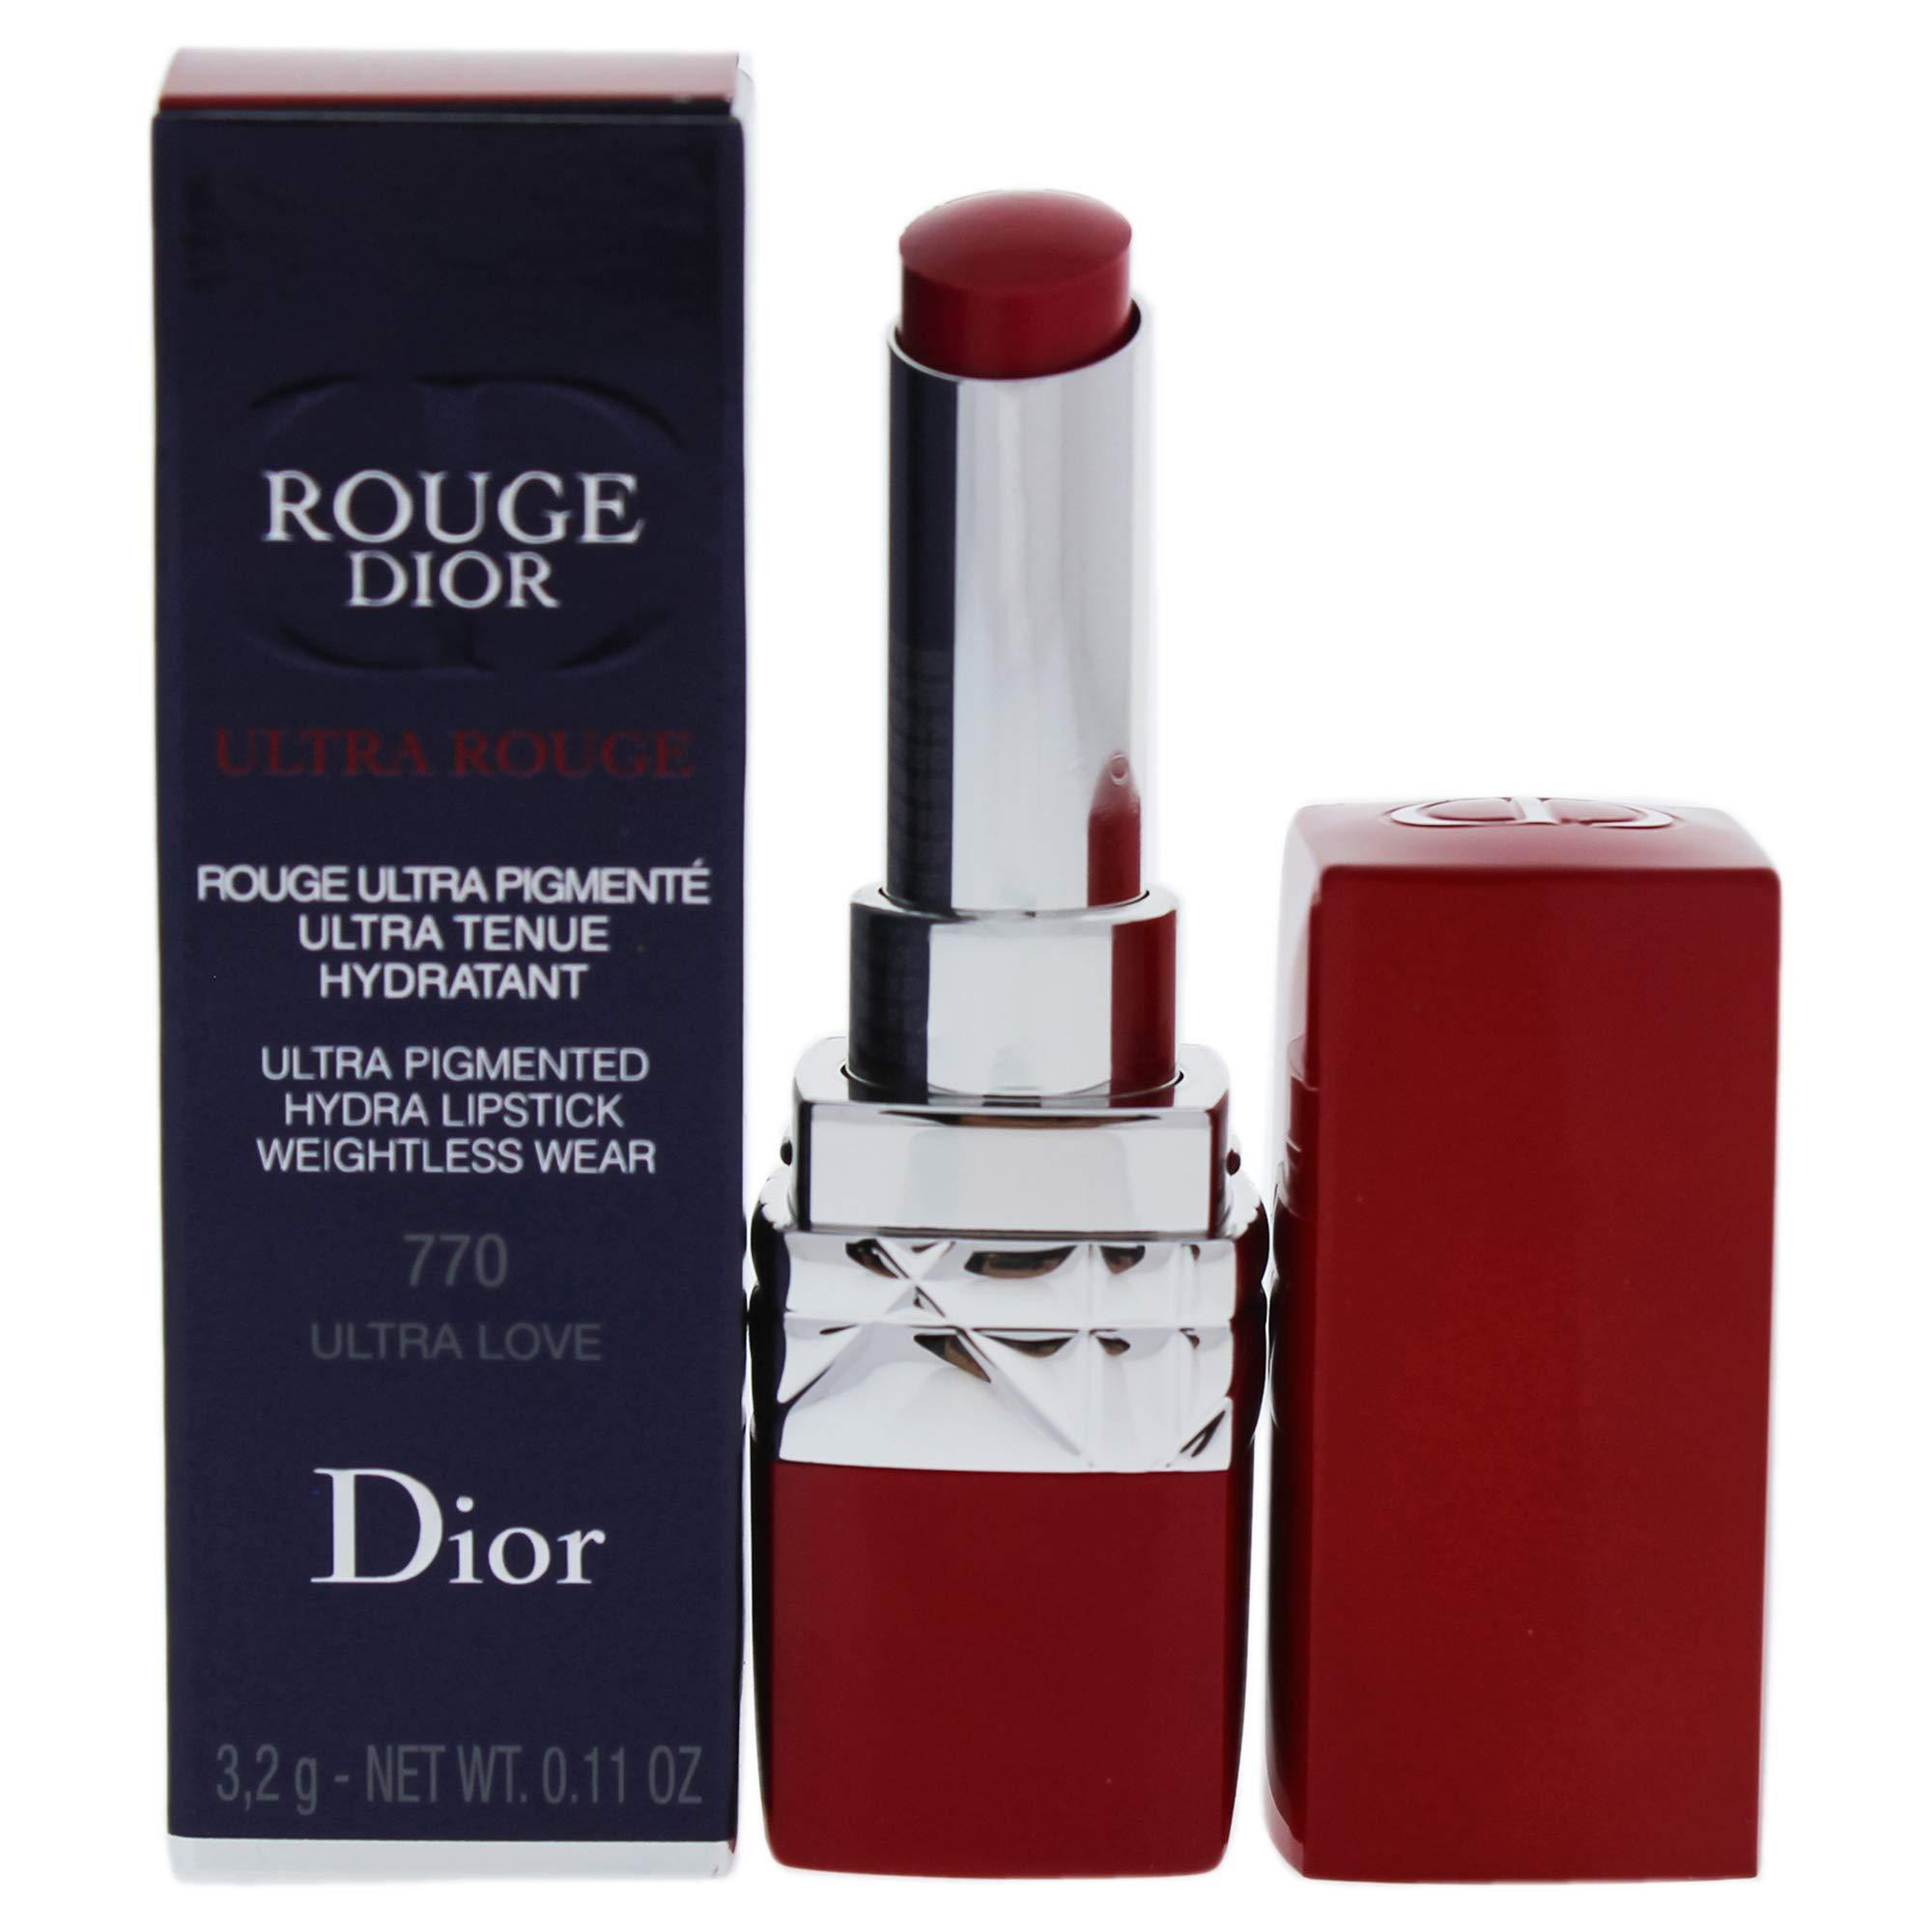 Dior Rouge Dior Ultra Rouge Lipstick - 770 Ultra Love